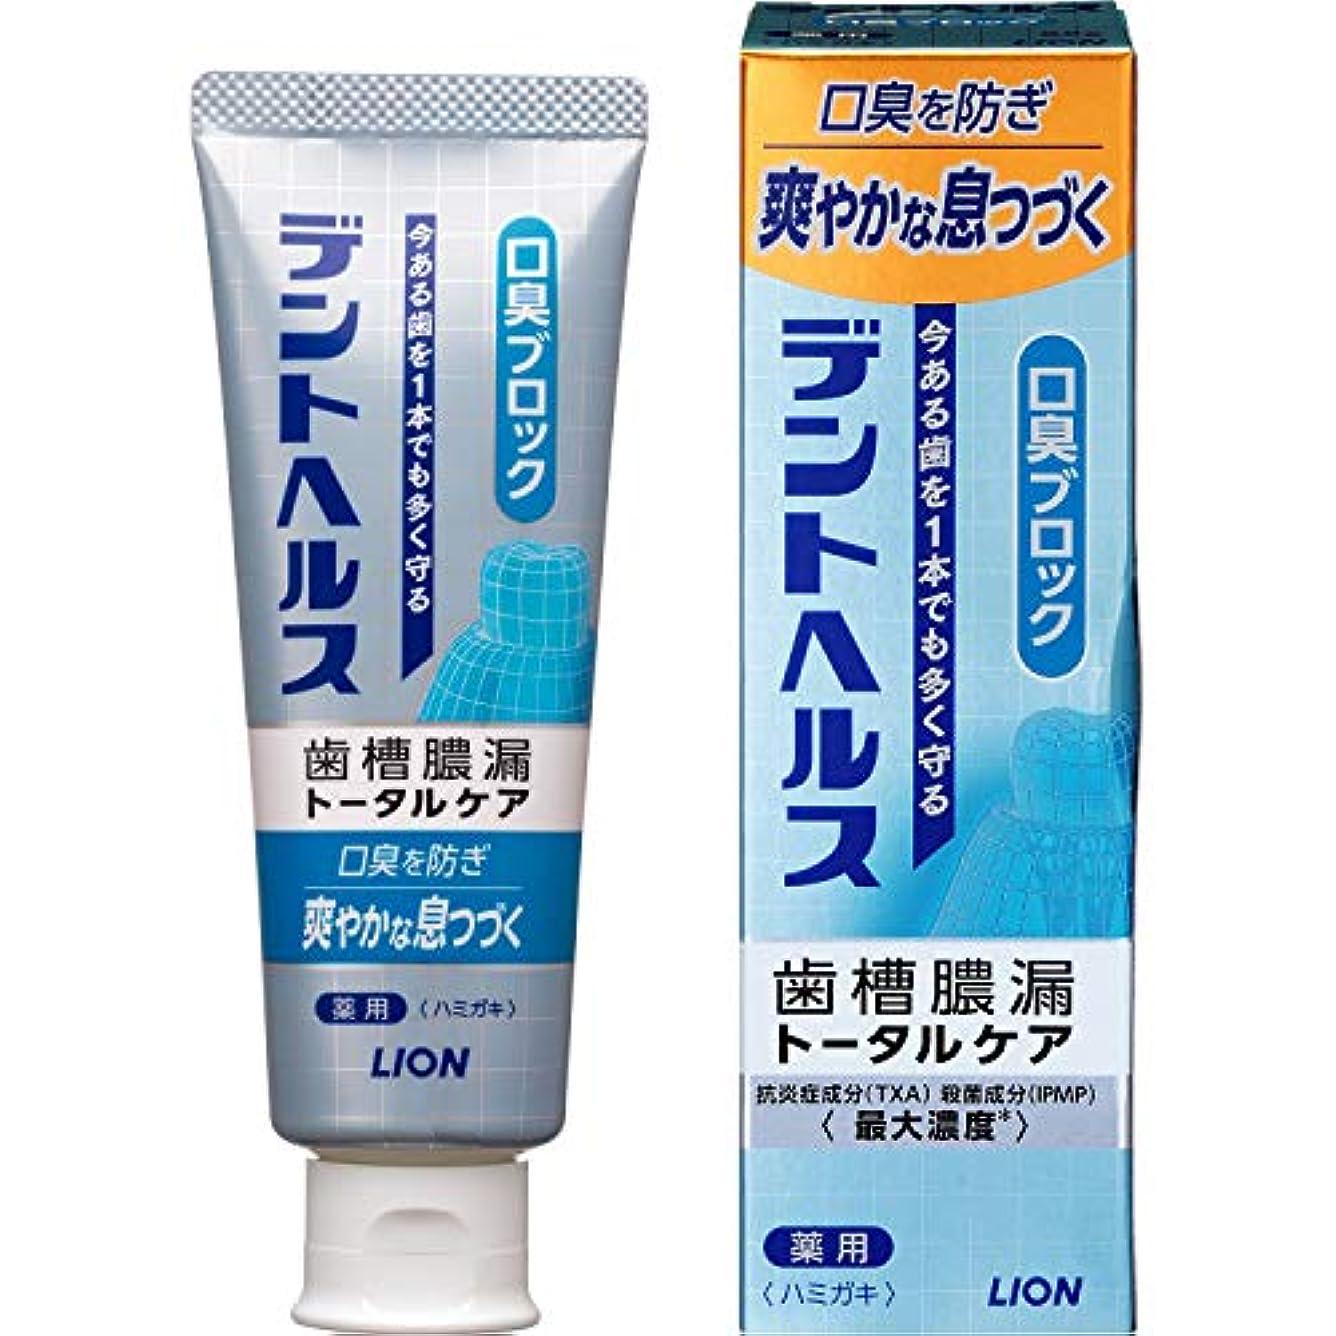 ディスク大いにと歯槽膿漏予防に デントヘルス 薬用ハミガキ 口臭ブロック 85g